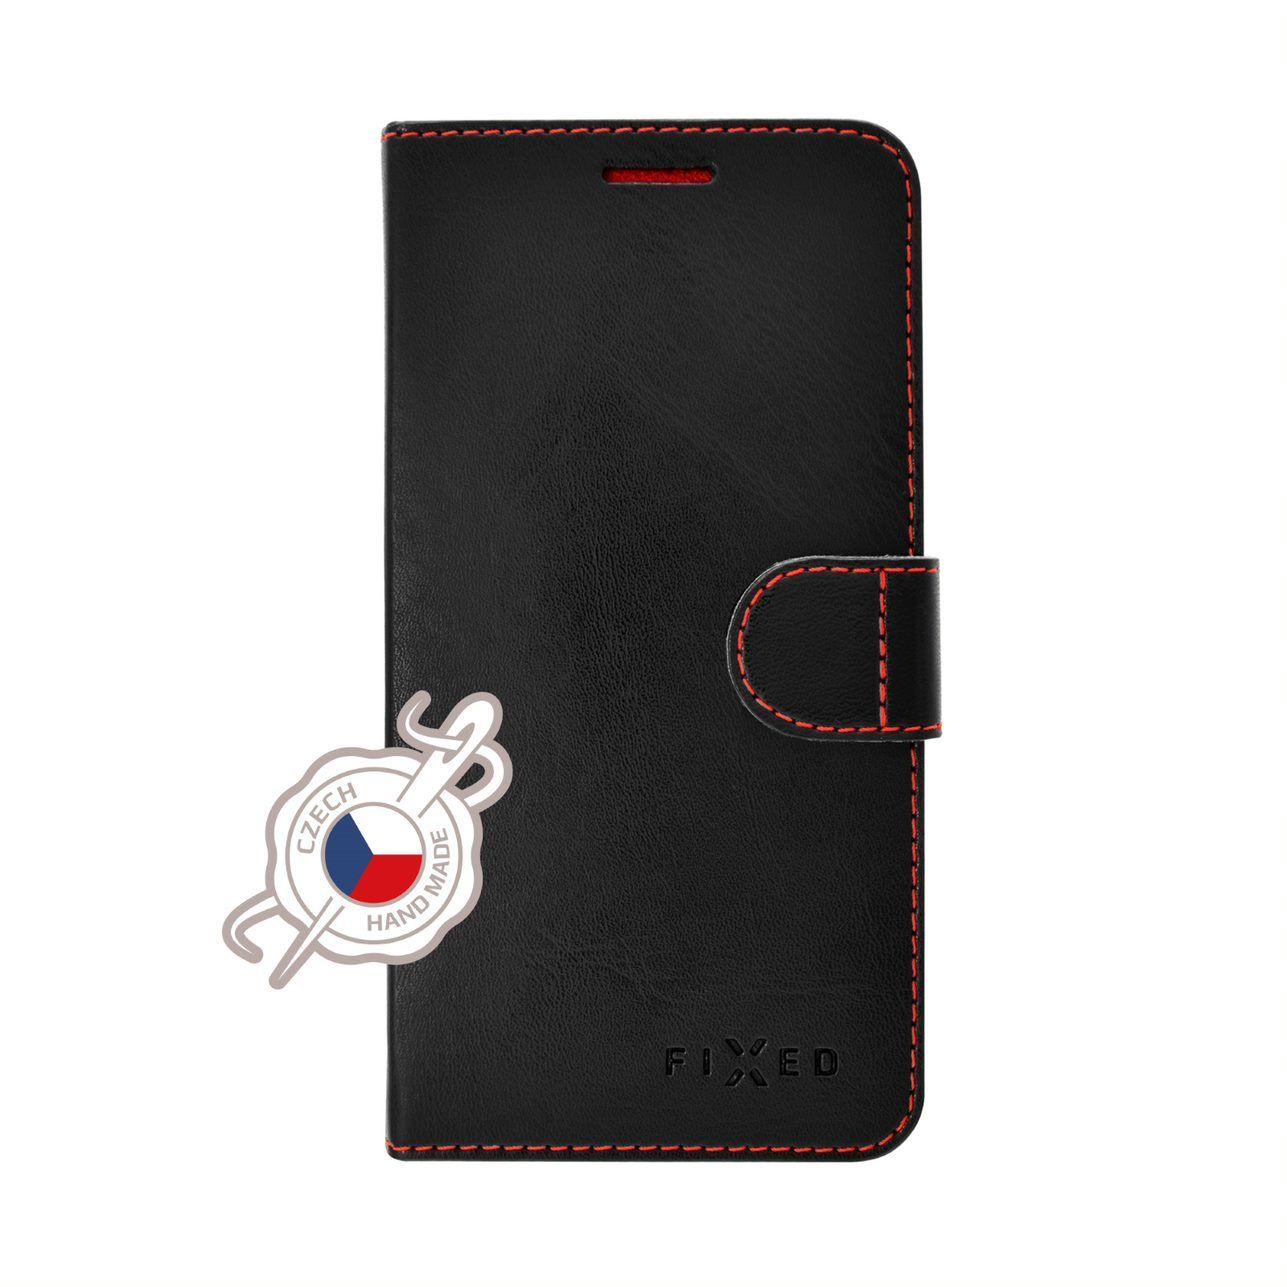 FIXED FIT flipové pouzdro pro Huawei P30, černé